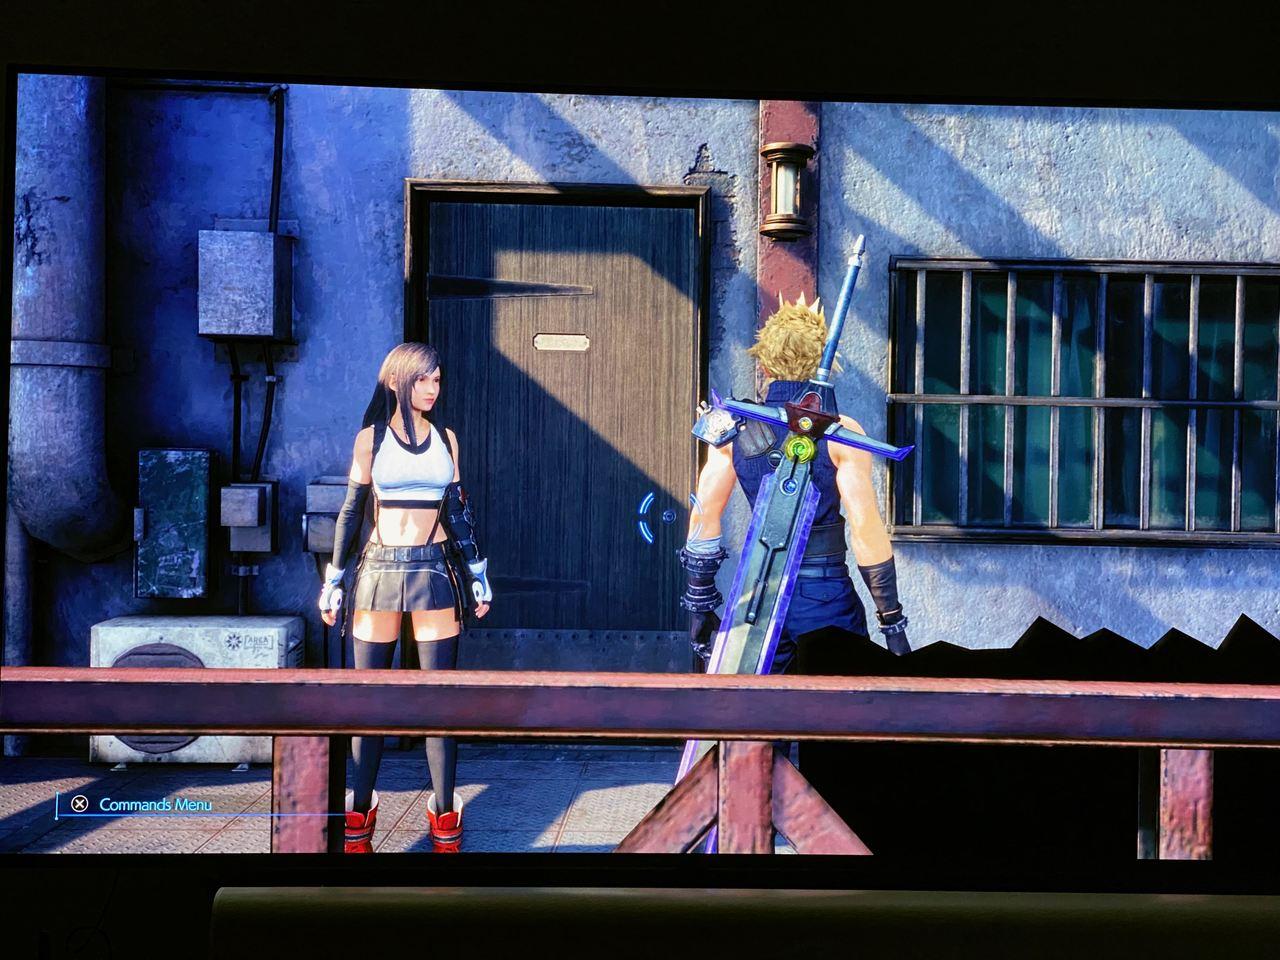 Imagem de Final Fantasy VII Remake de PS5 com o protagonista Cloud de costas e a Tifa de frente, com uma porta em destaque